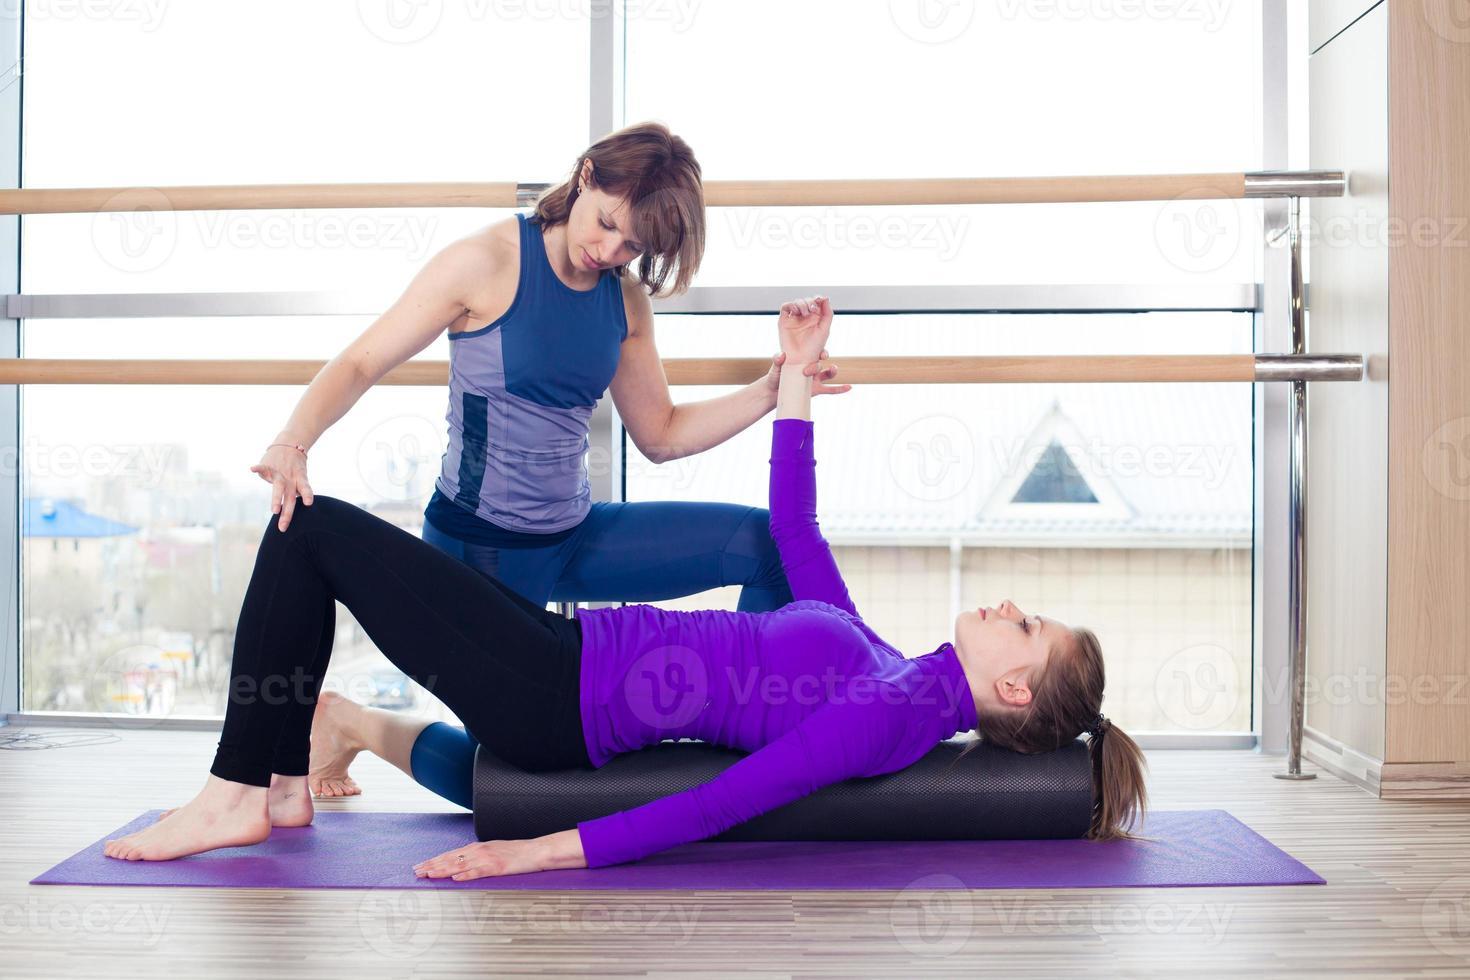 aeróbicos entrenador personal de pilates ayudando a las mujeres a agruparse en un gimnasio foto